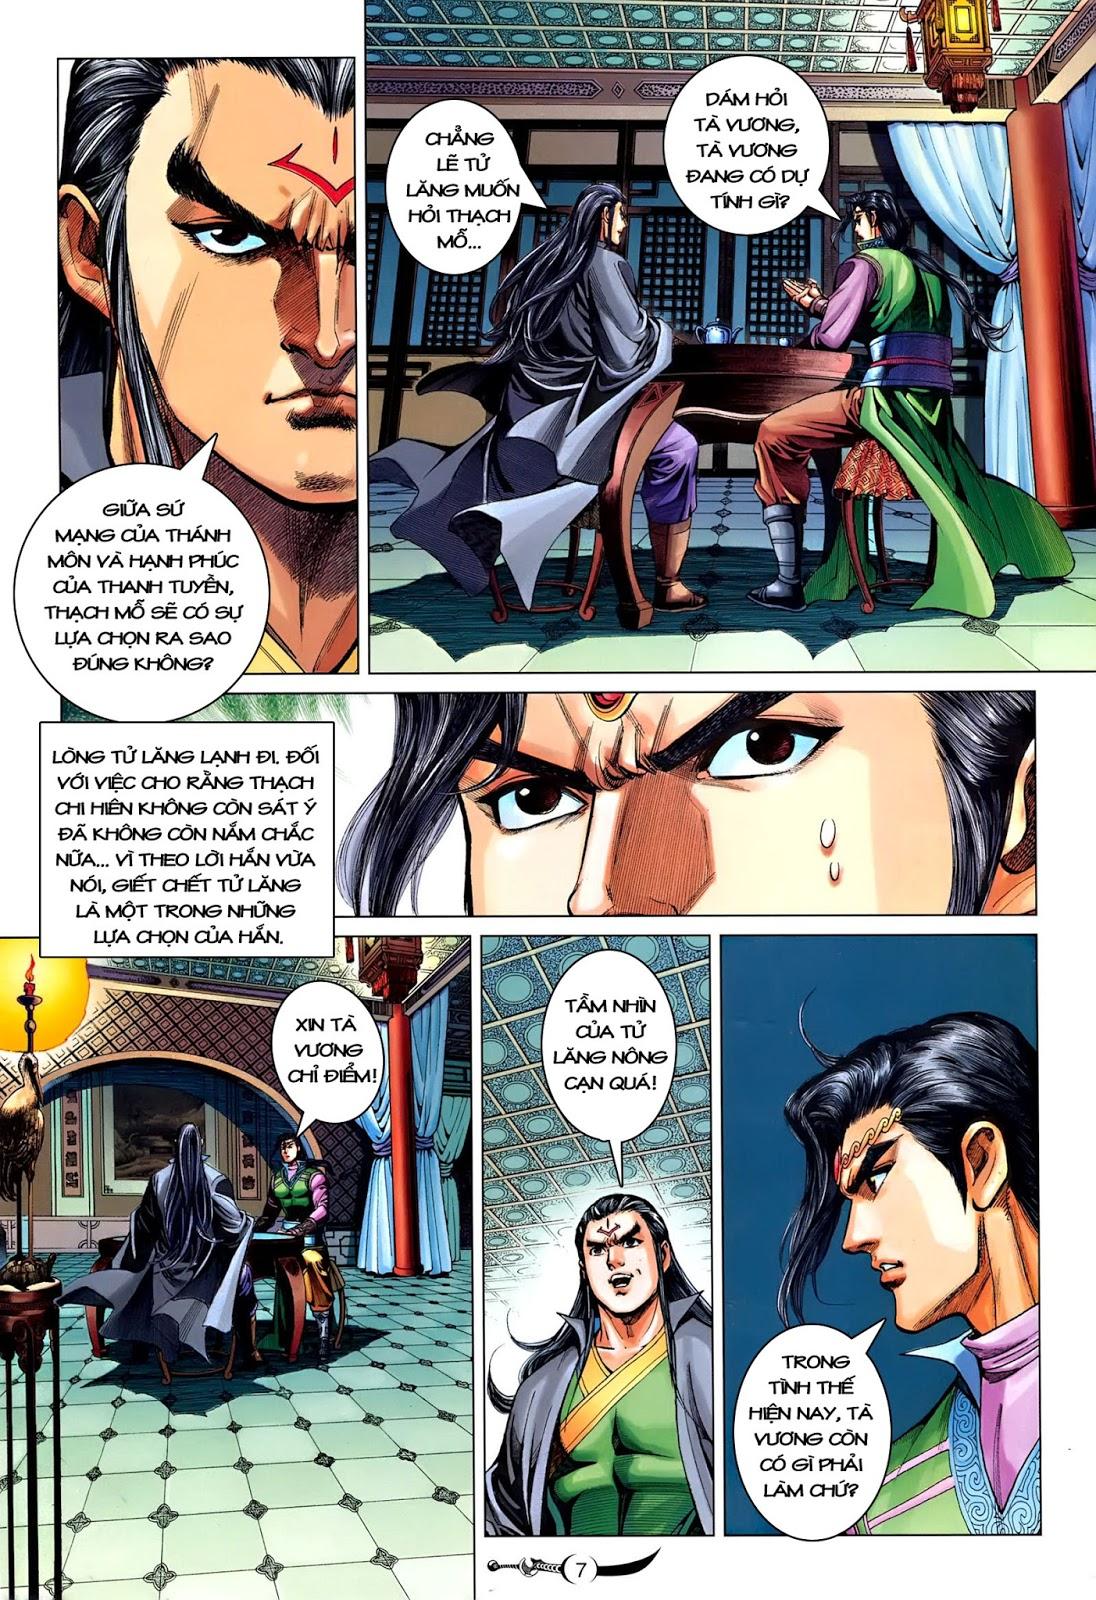 Đại Đường Song Long Truyện chap 216 - Trang 9